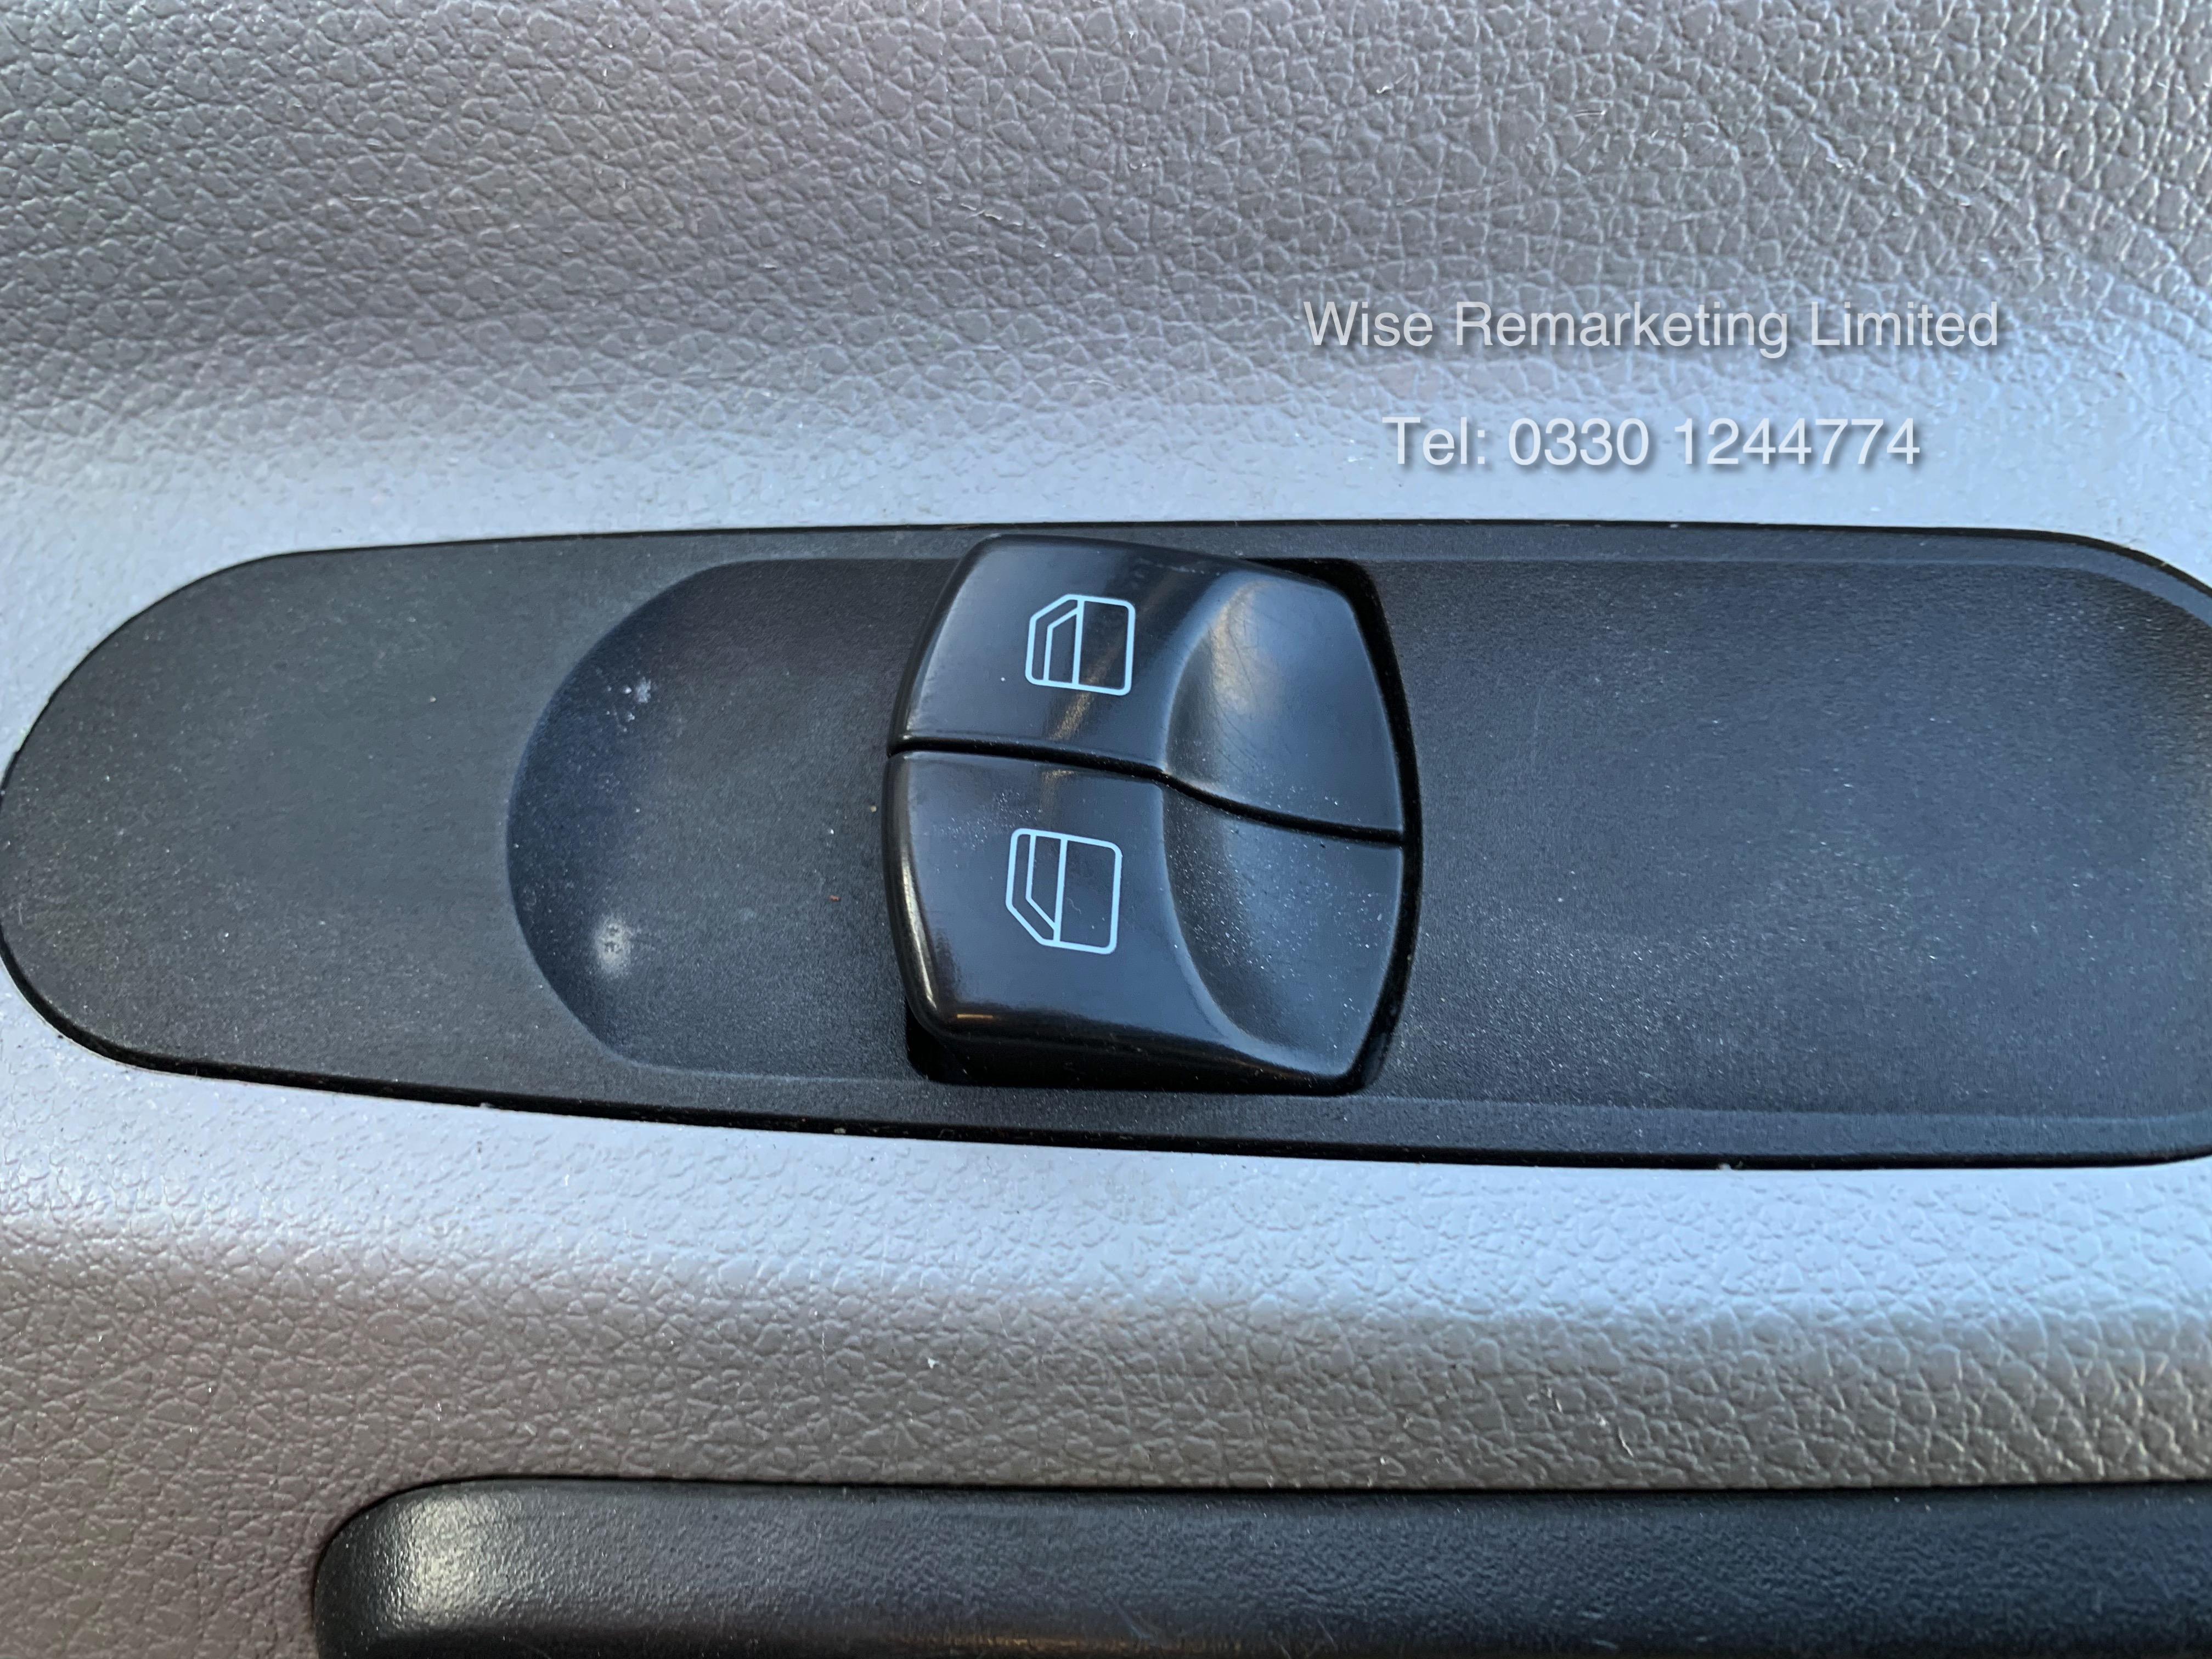 (RESERVE MET) Mercedes Sprinter 316 2.1 CDI Long Wheel Base High Roof Van - 2014 Model - 1 Owner - Image 17 of 19